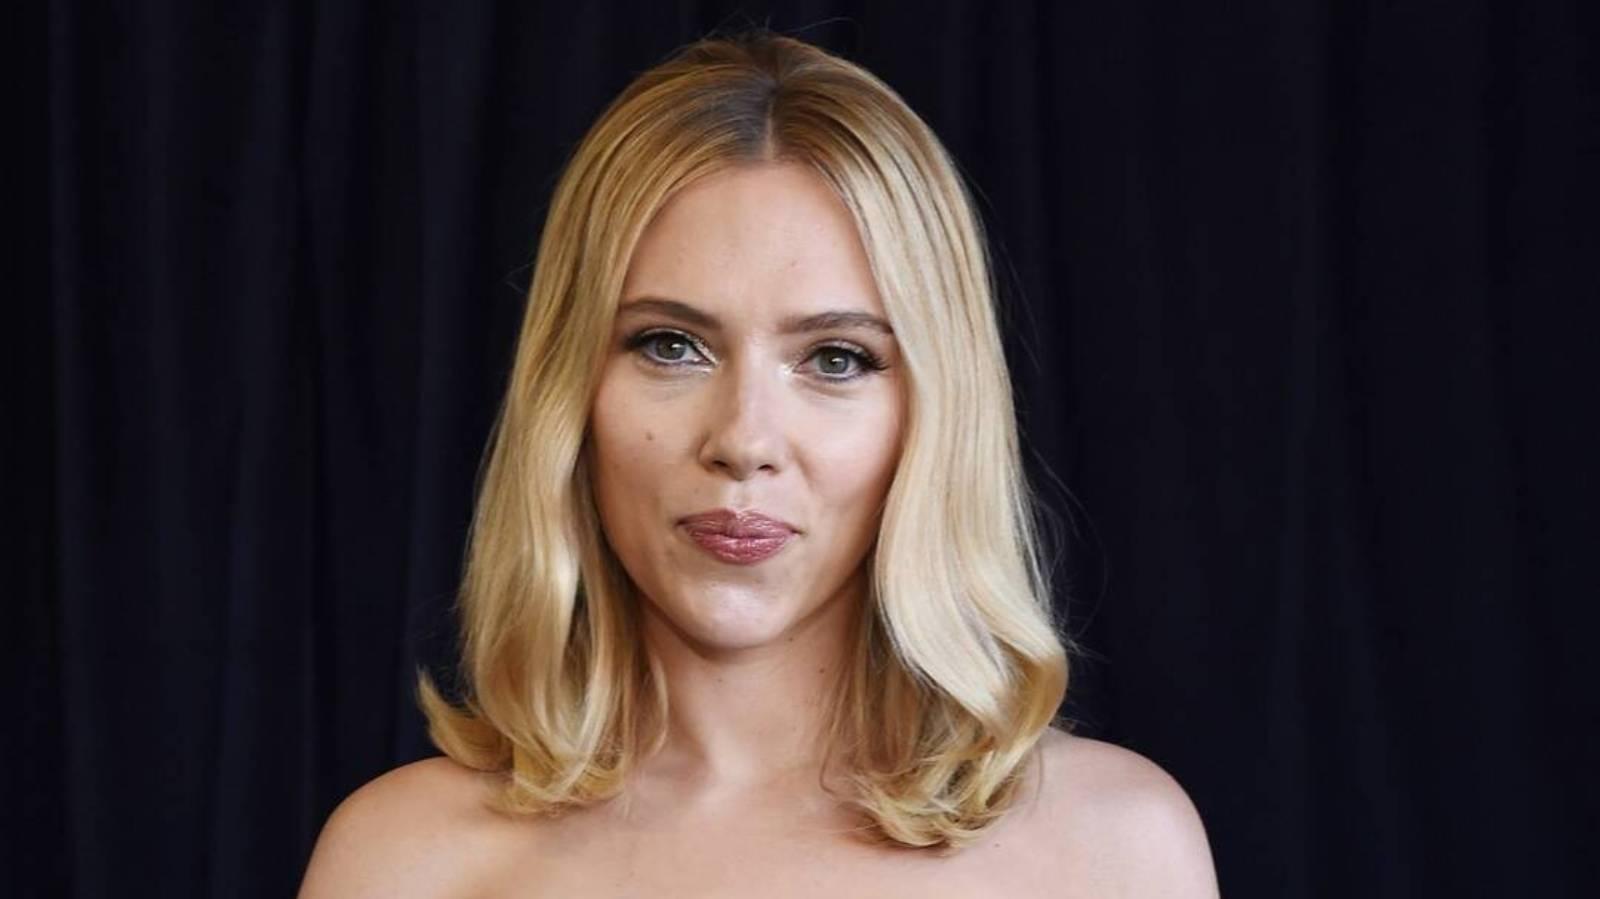 Scarlett Johansson sues Disney after Black Widow's streaming release